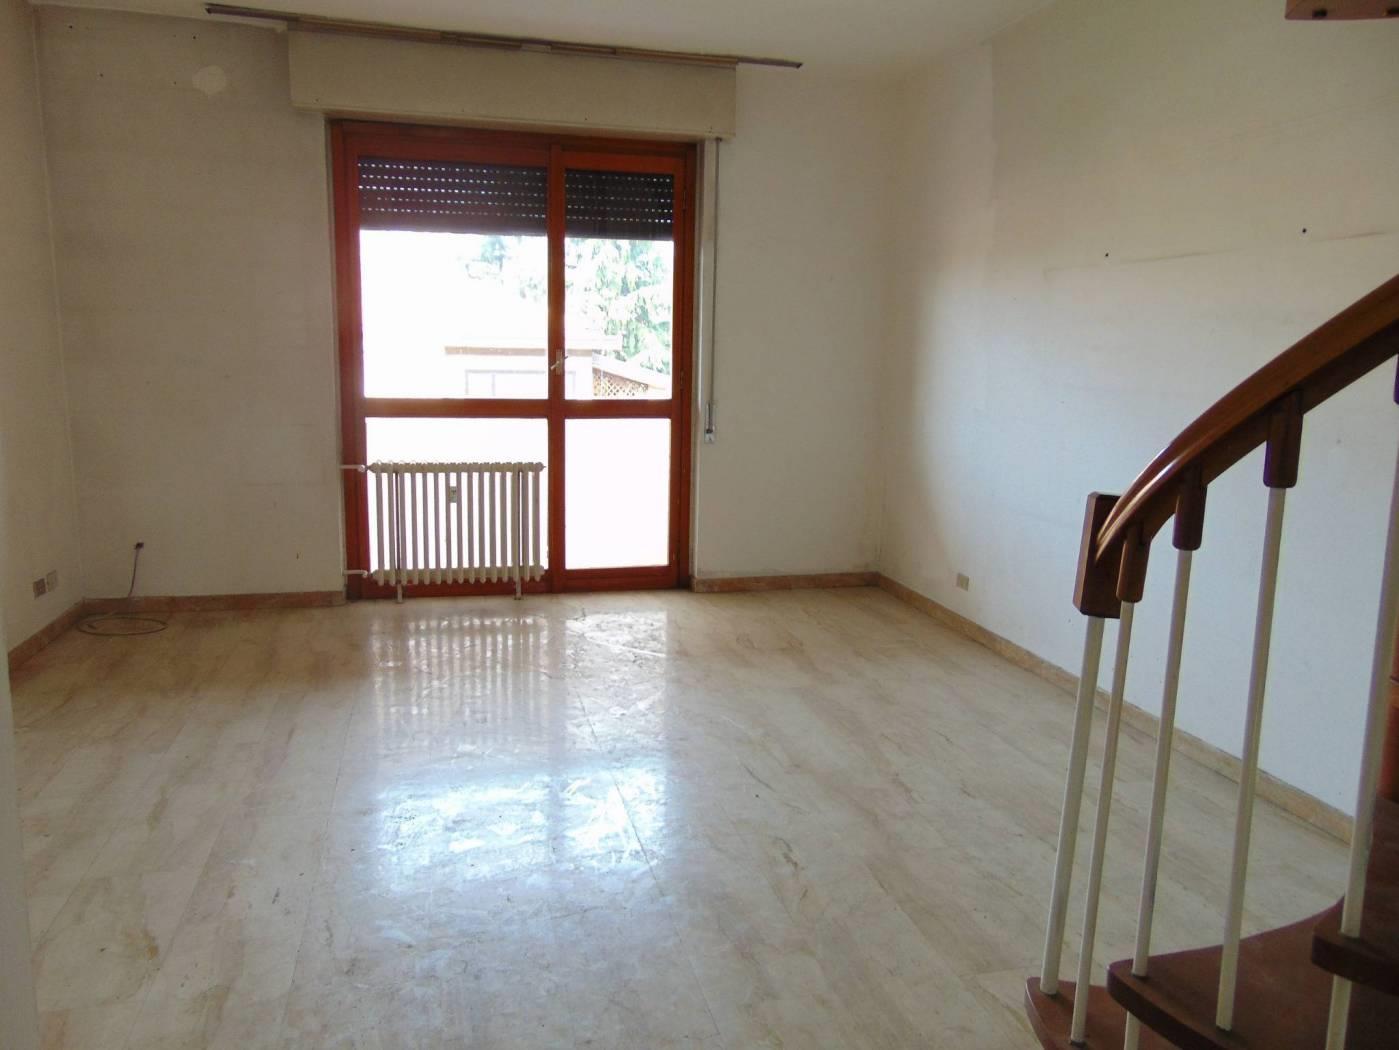 Foto 2 - Appartamento in Vendita - Monza, Zona San Giuseppe